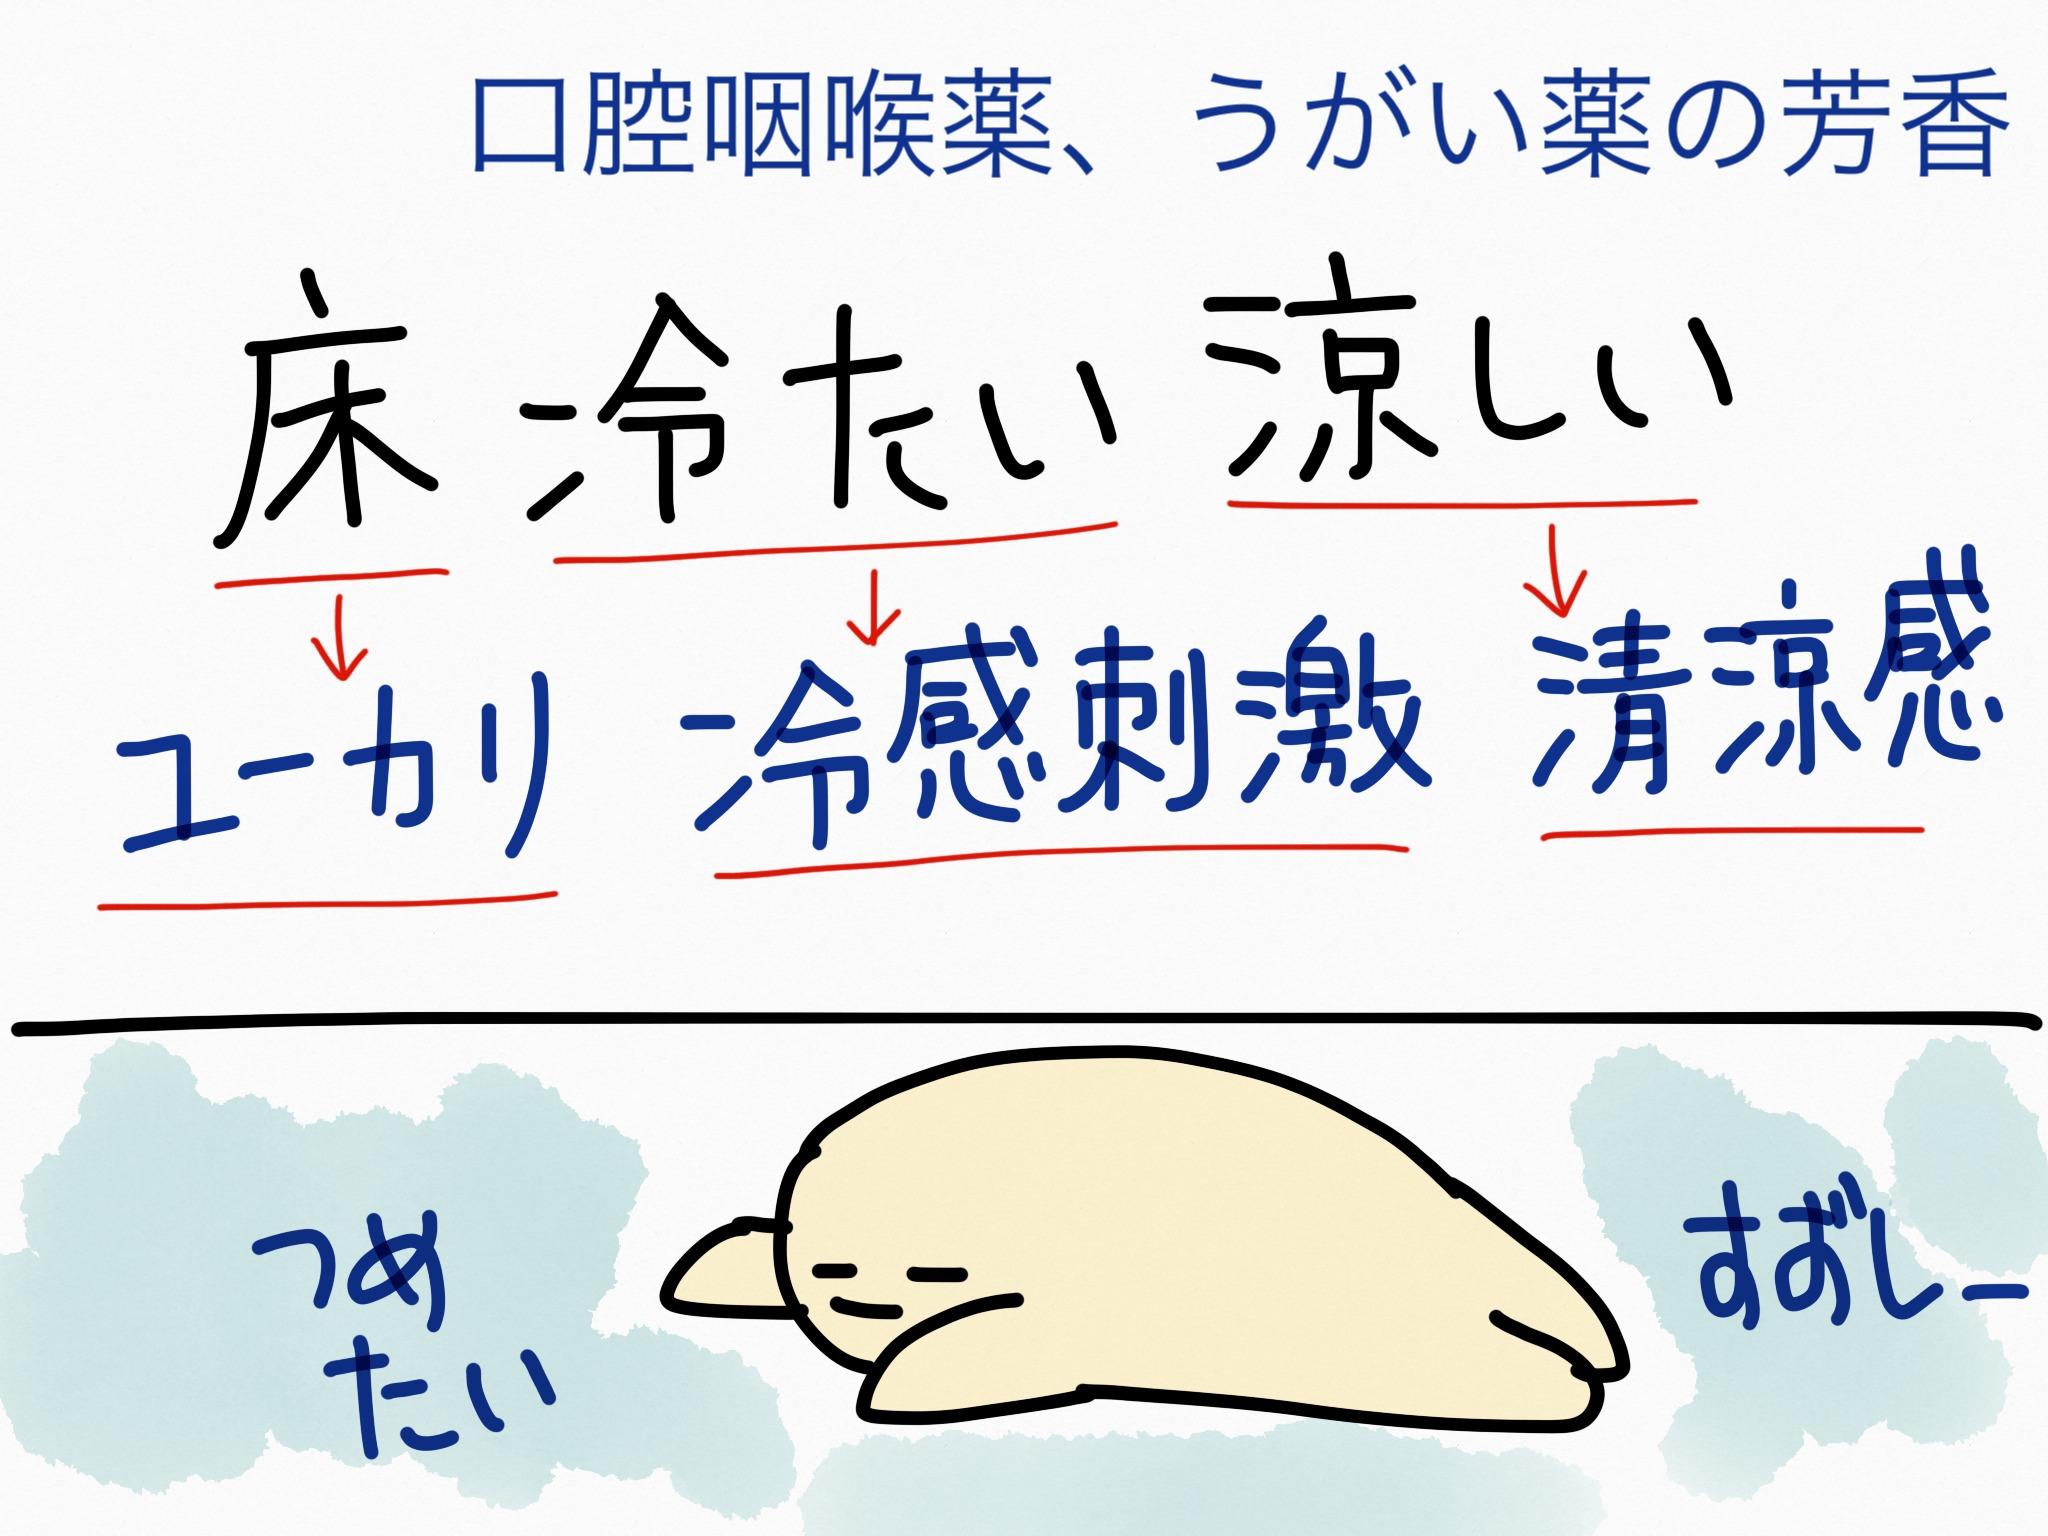 ユーカリ/ユーカリ油[口腔咽喉薬他]生薬の覚え方・暗記方法・語呂合わせ